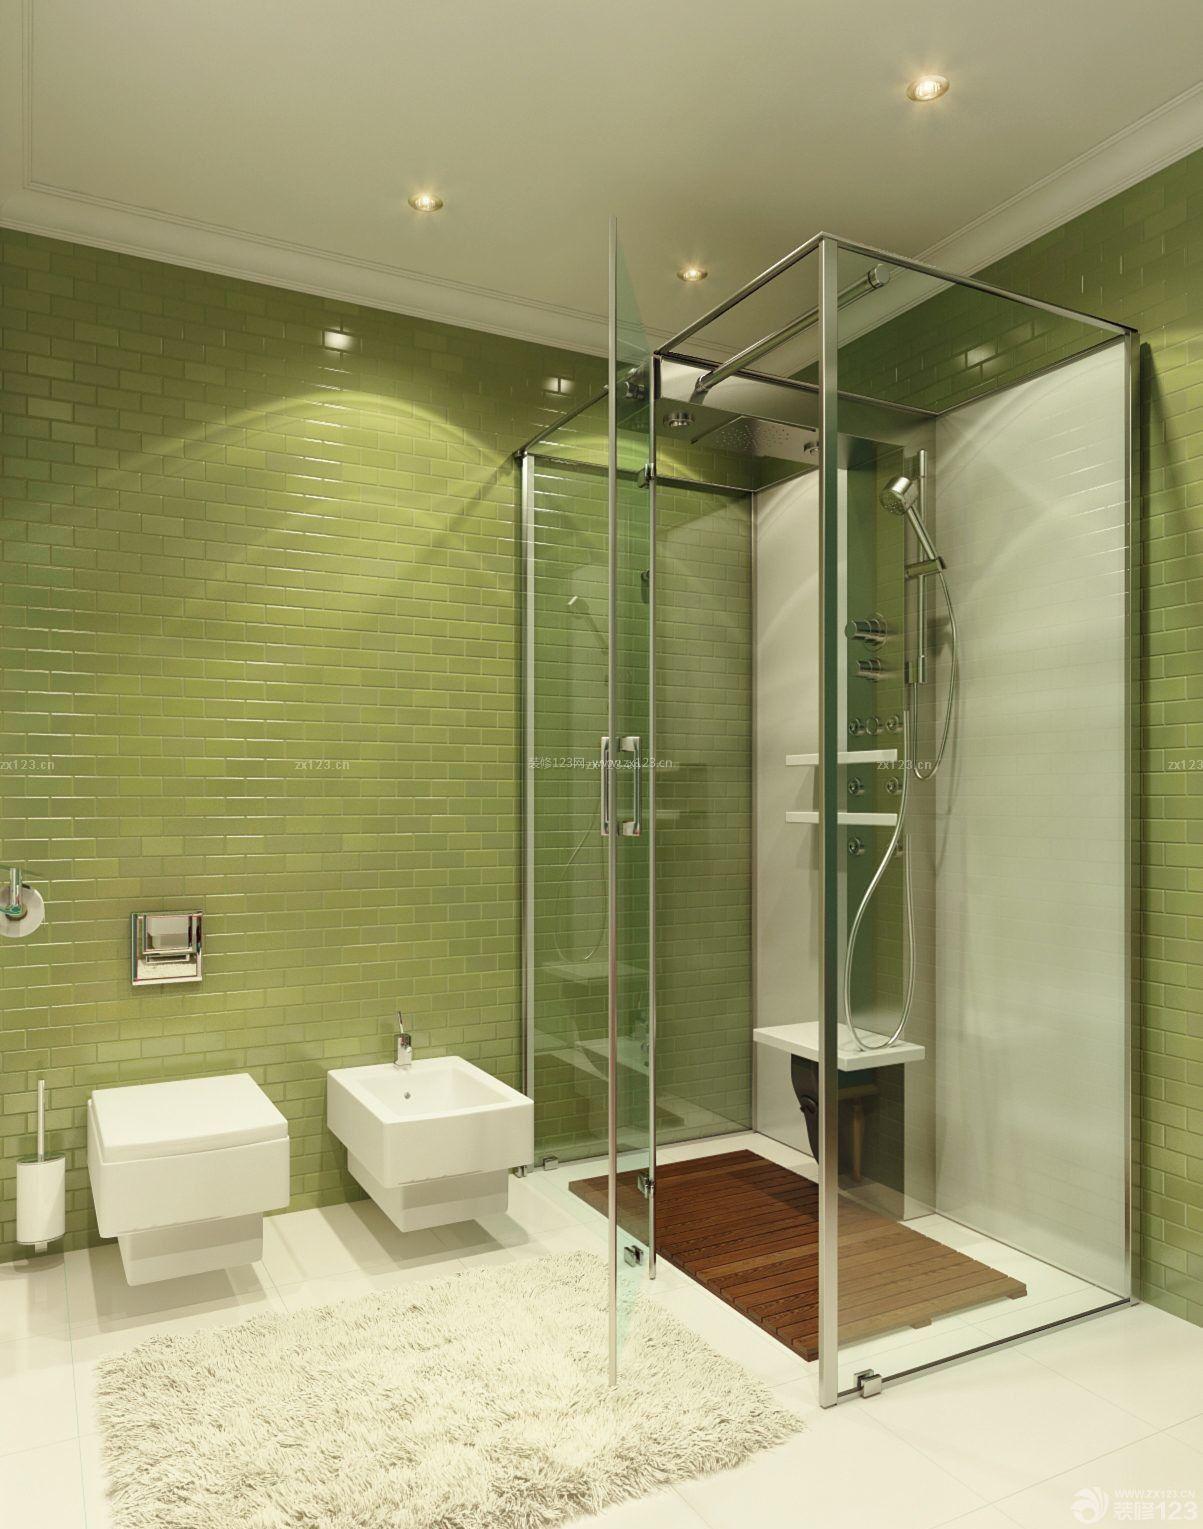 最新家居浴室不锈钢玻璃门设计图片